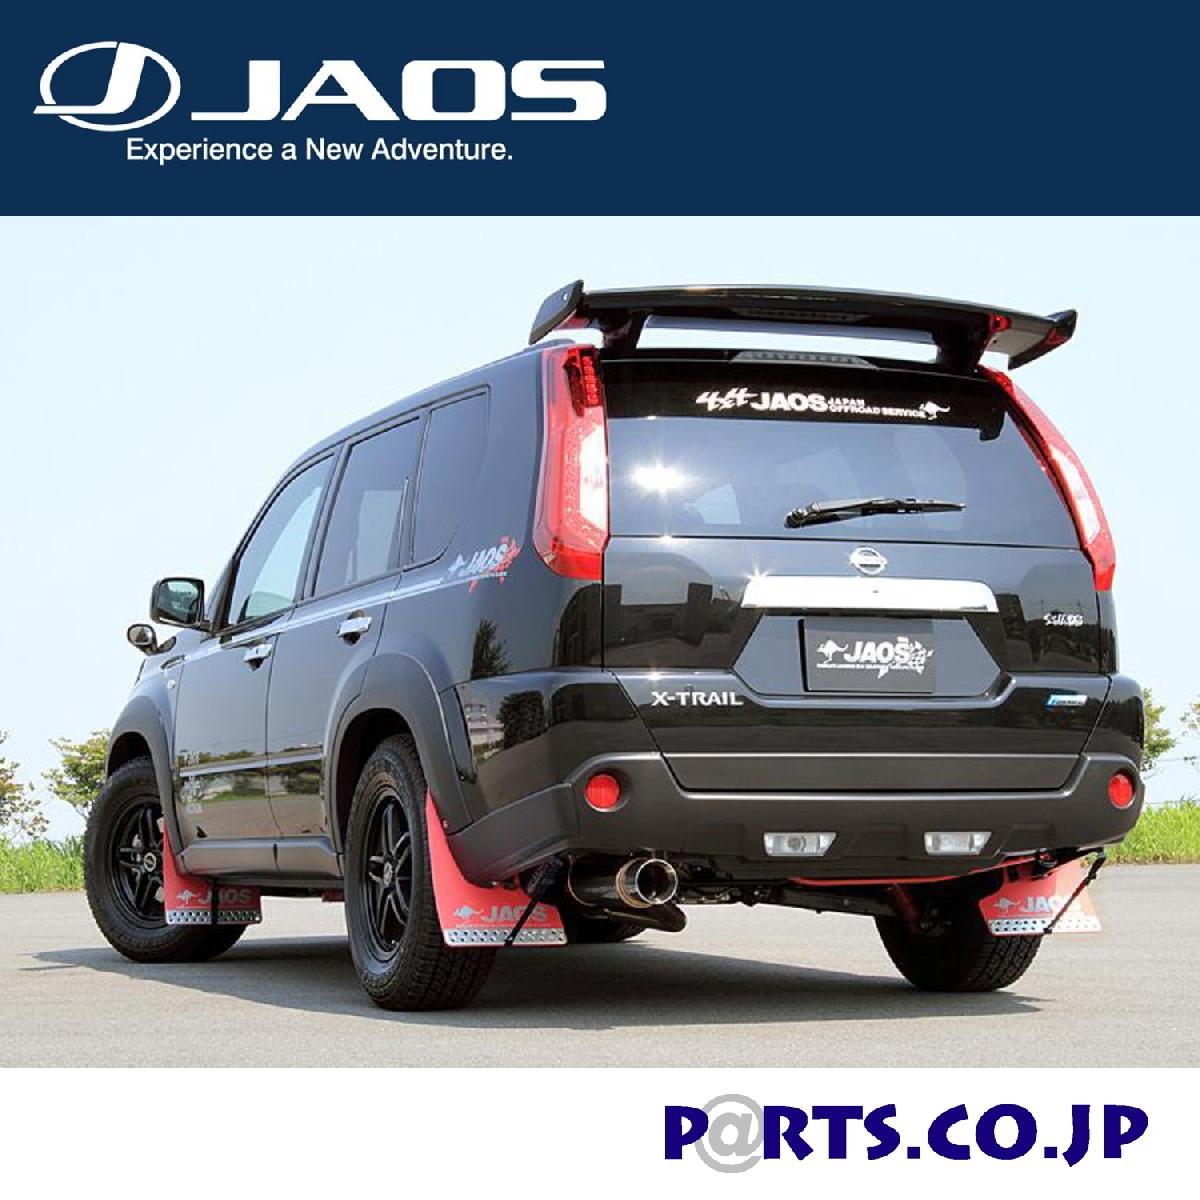 日産 エクストレイル フェンダー JAOS マッドガード3 フロントセット レッド エクストレイル 31系